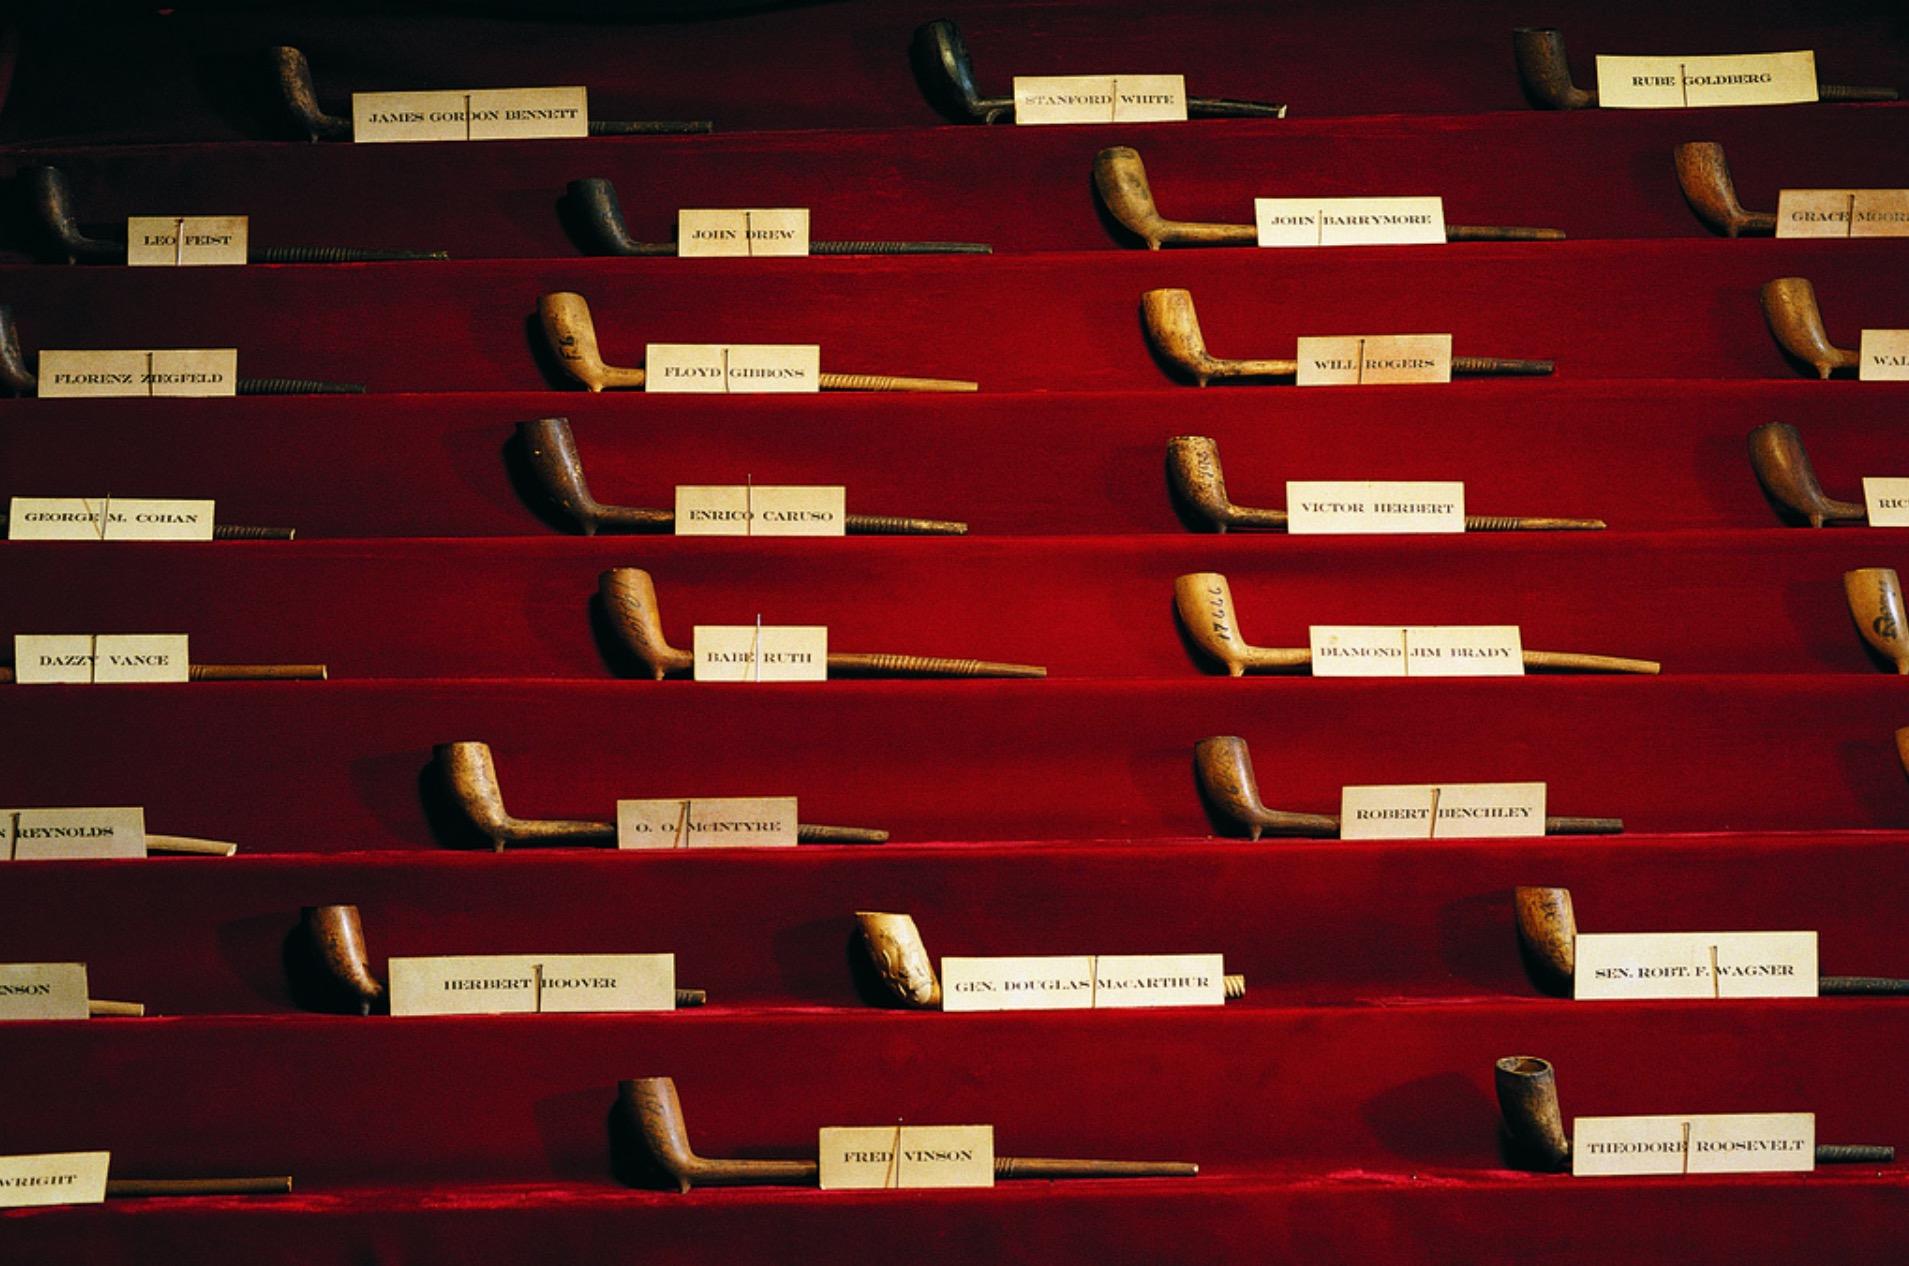 Sbírka dýmek v Keens